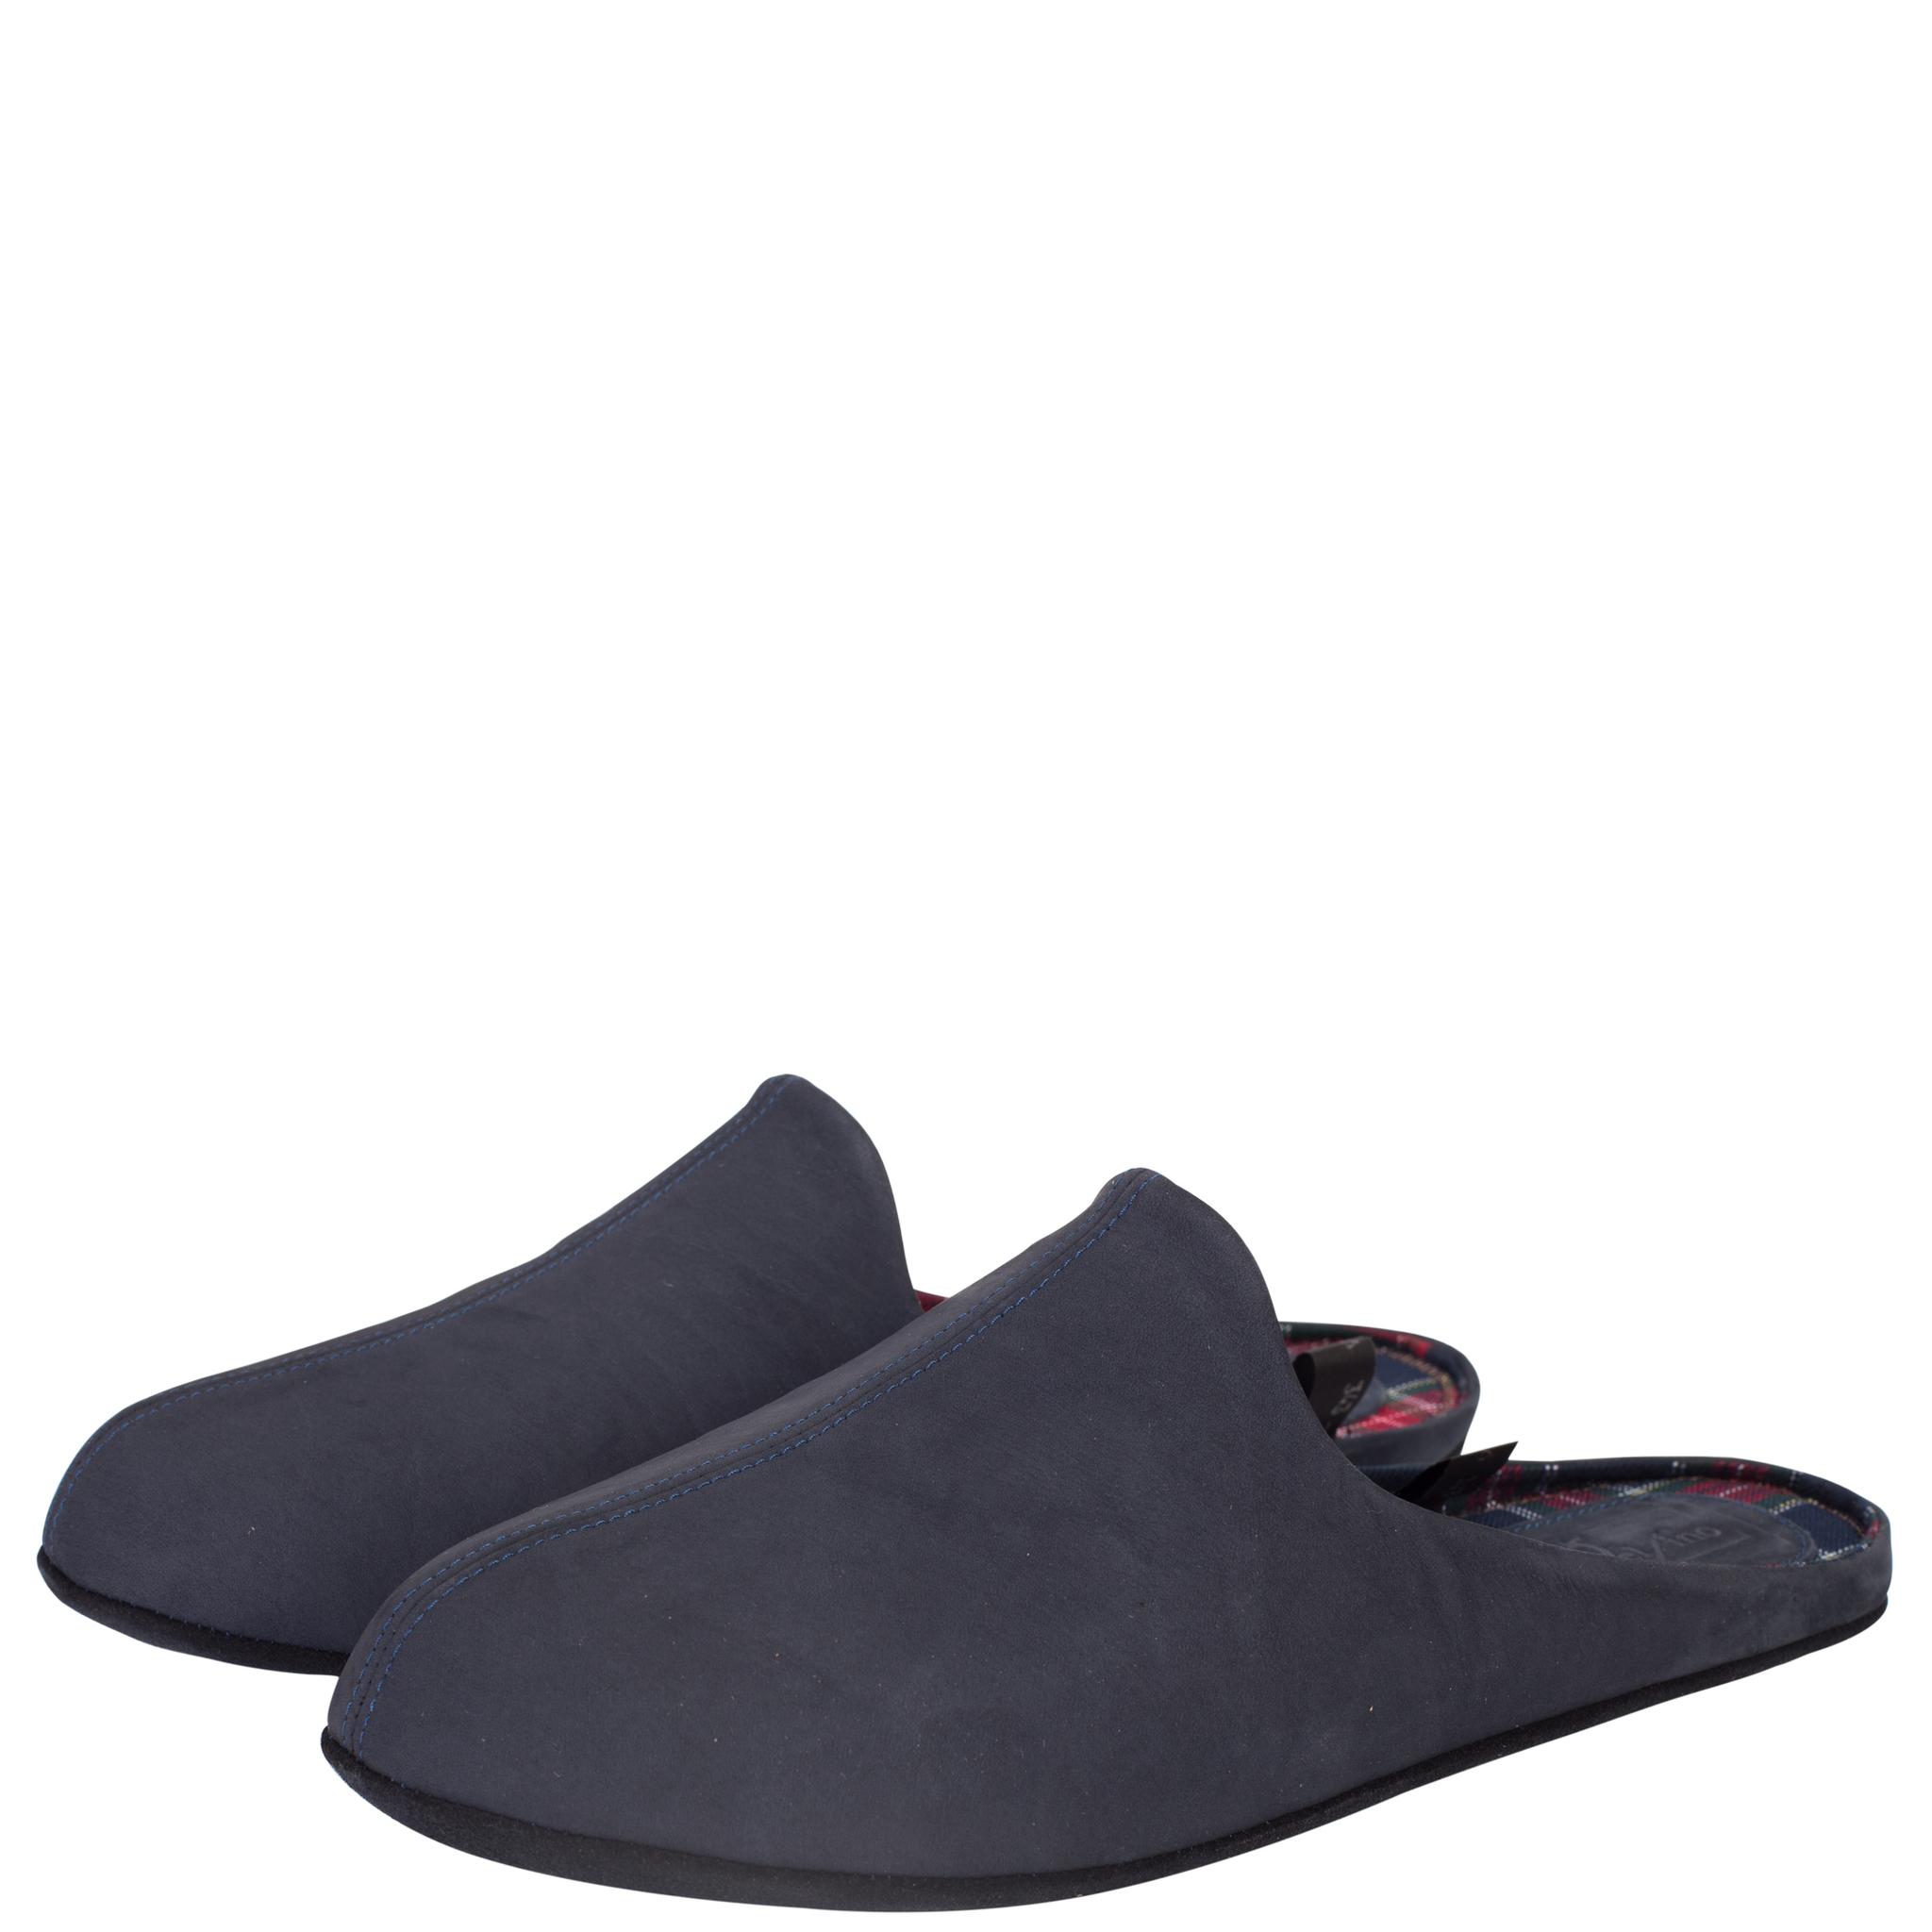 776137 туфли домашние мужские синие больших размеров марки Делфино